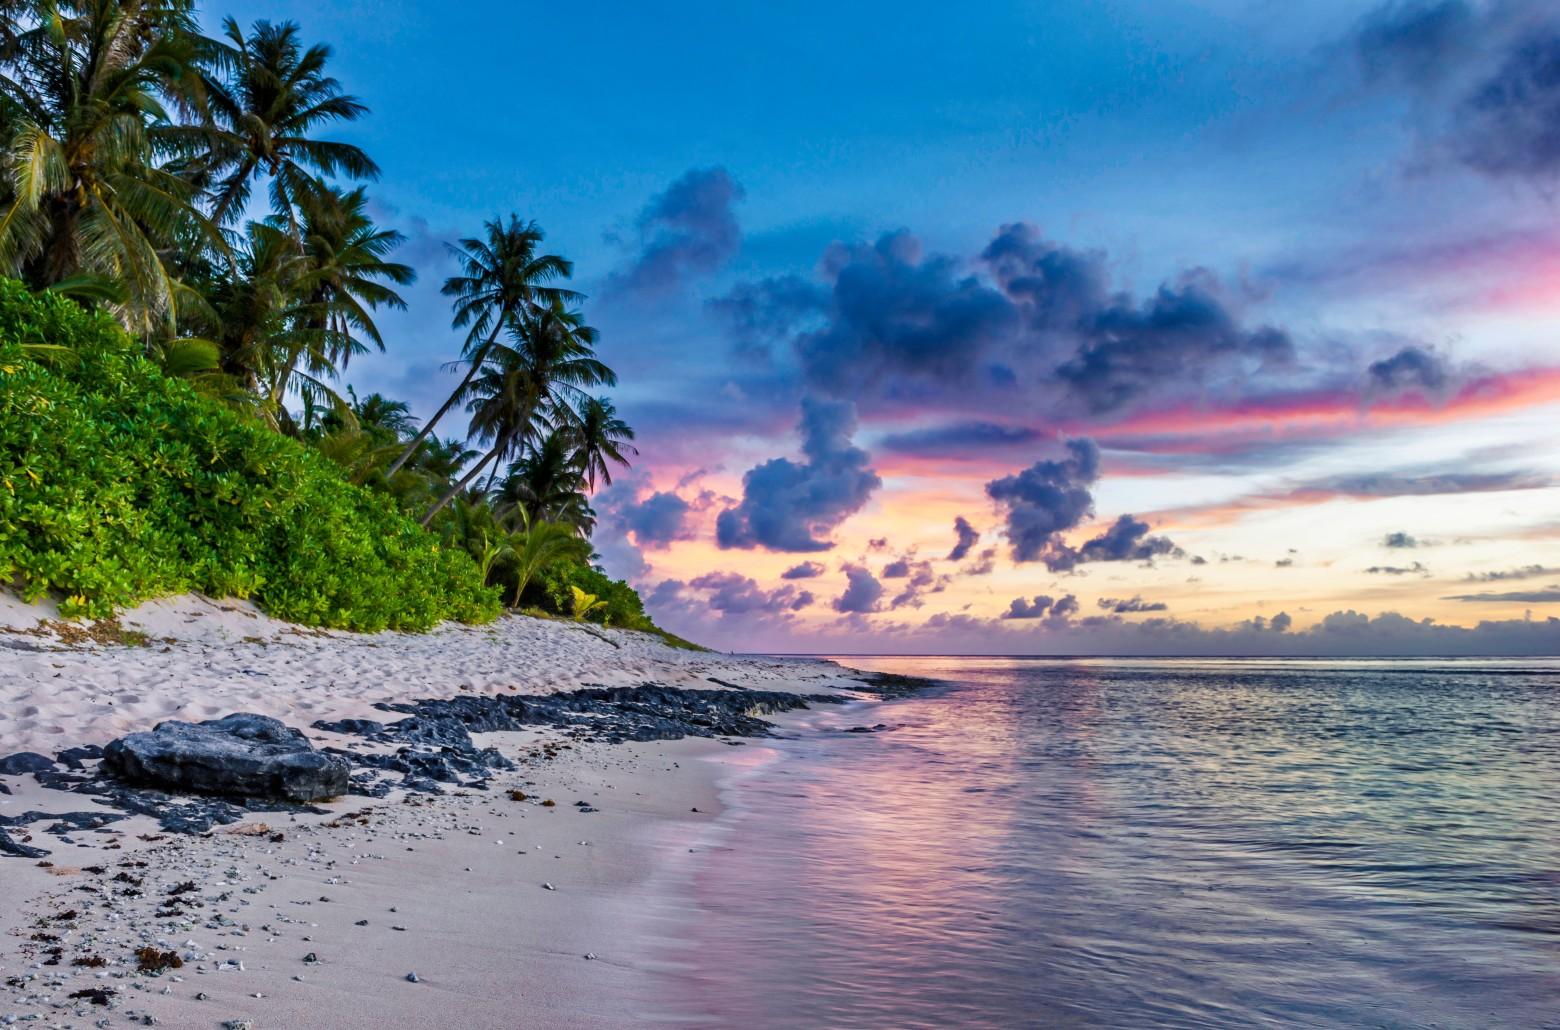 beau paysage le tropicale mer palmier photos gratuites images gratuites et libres de droits. Black Bedroom Furniture Sets. Home Design Ideas